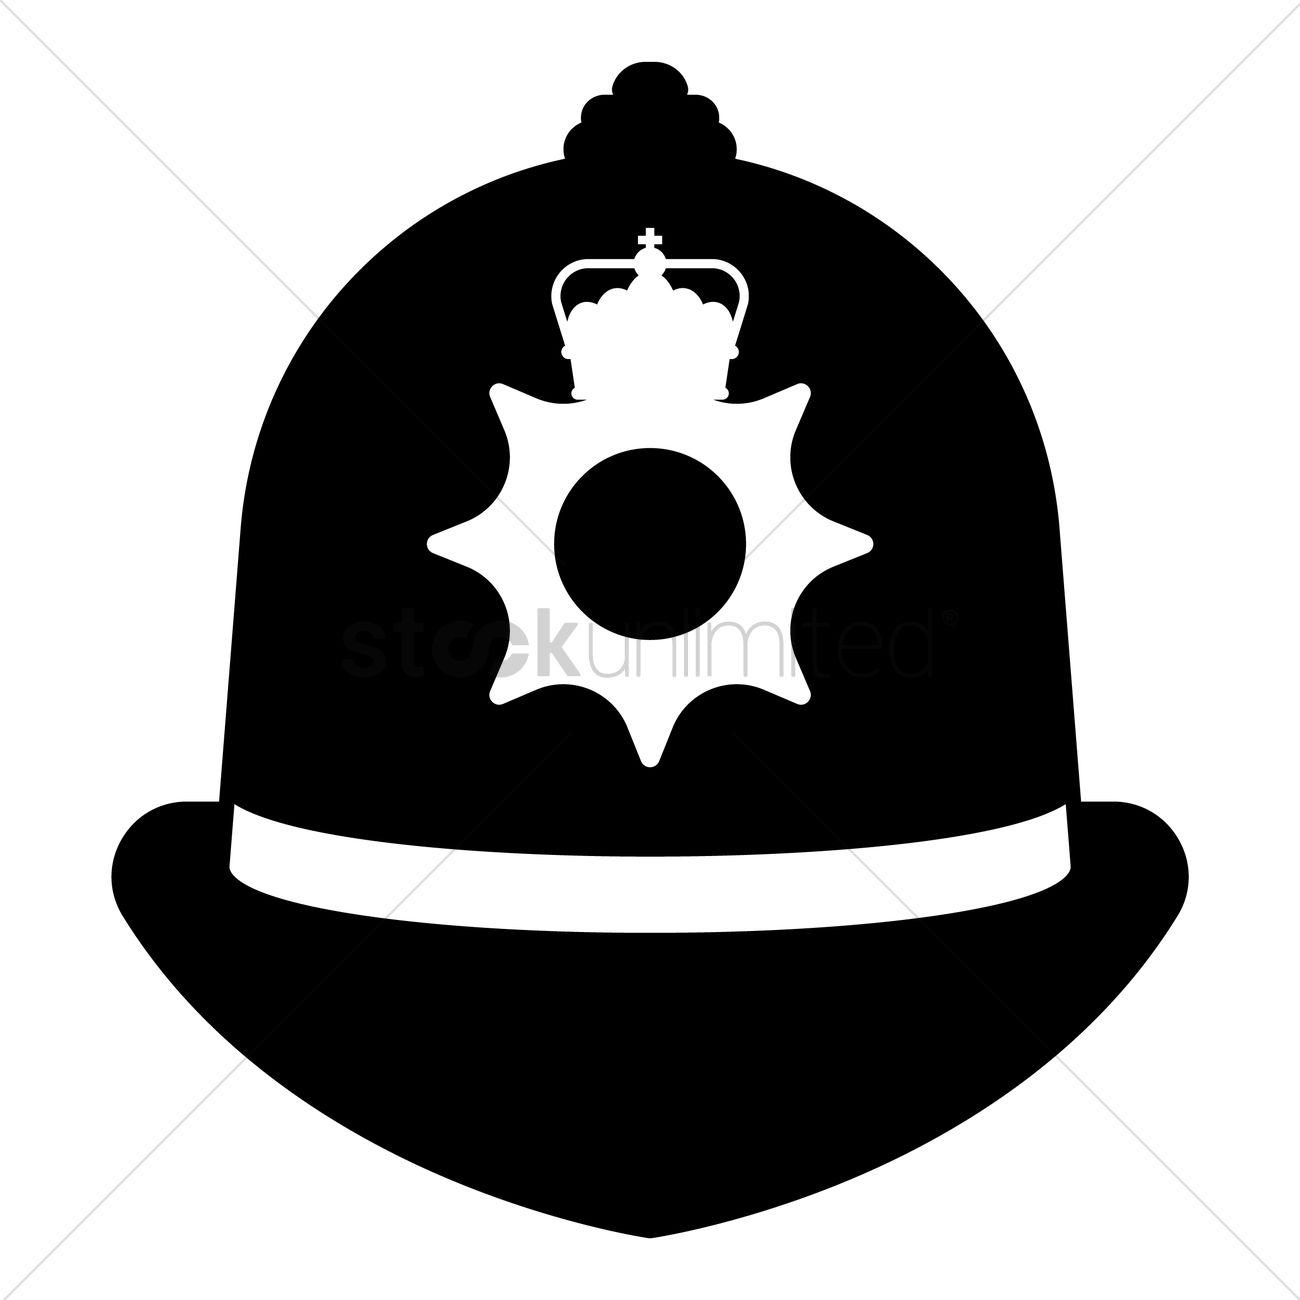 1300x1300 Uk Police Cap Vector Image